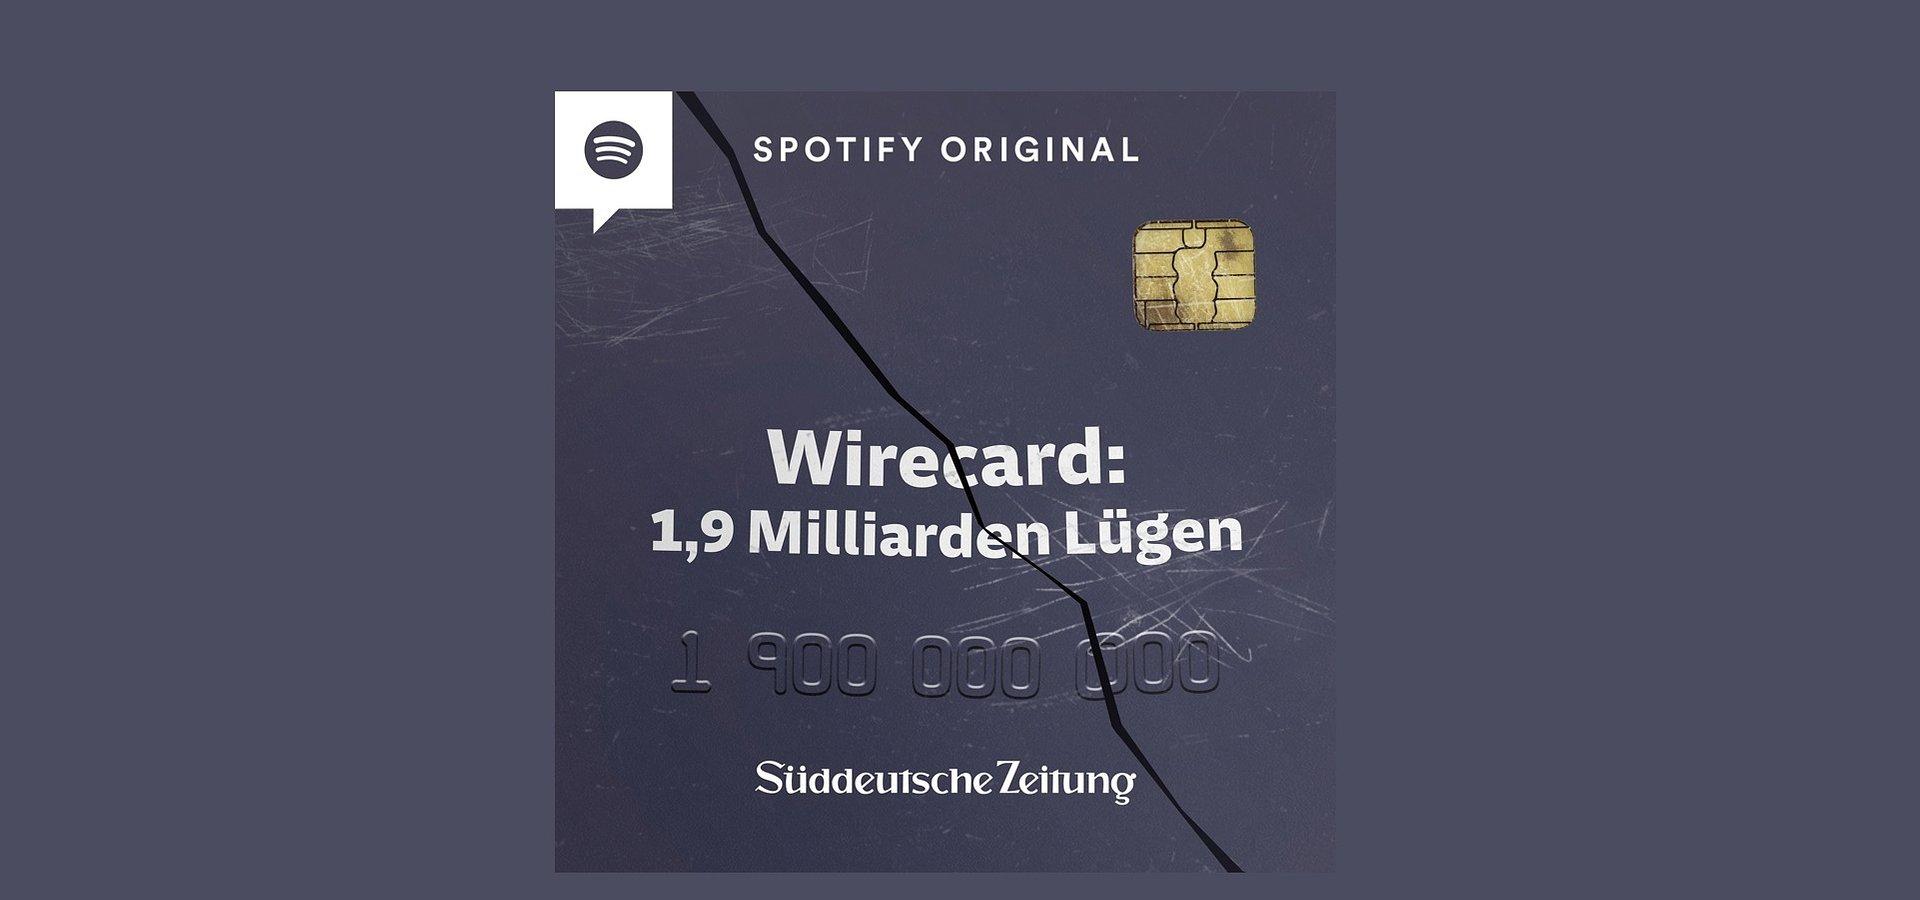 """Neues Dokumentationsformat: Spotify Original Podcast """"Wirecard: 1,9 Milliarden Lügen"""""""